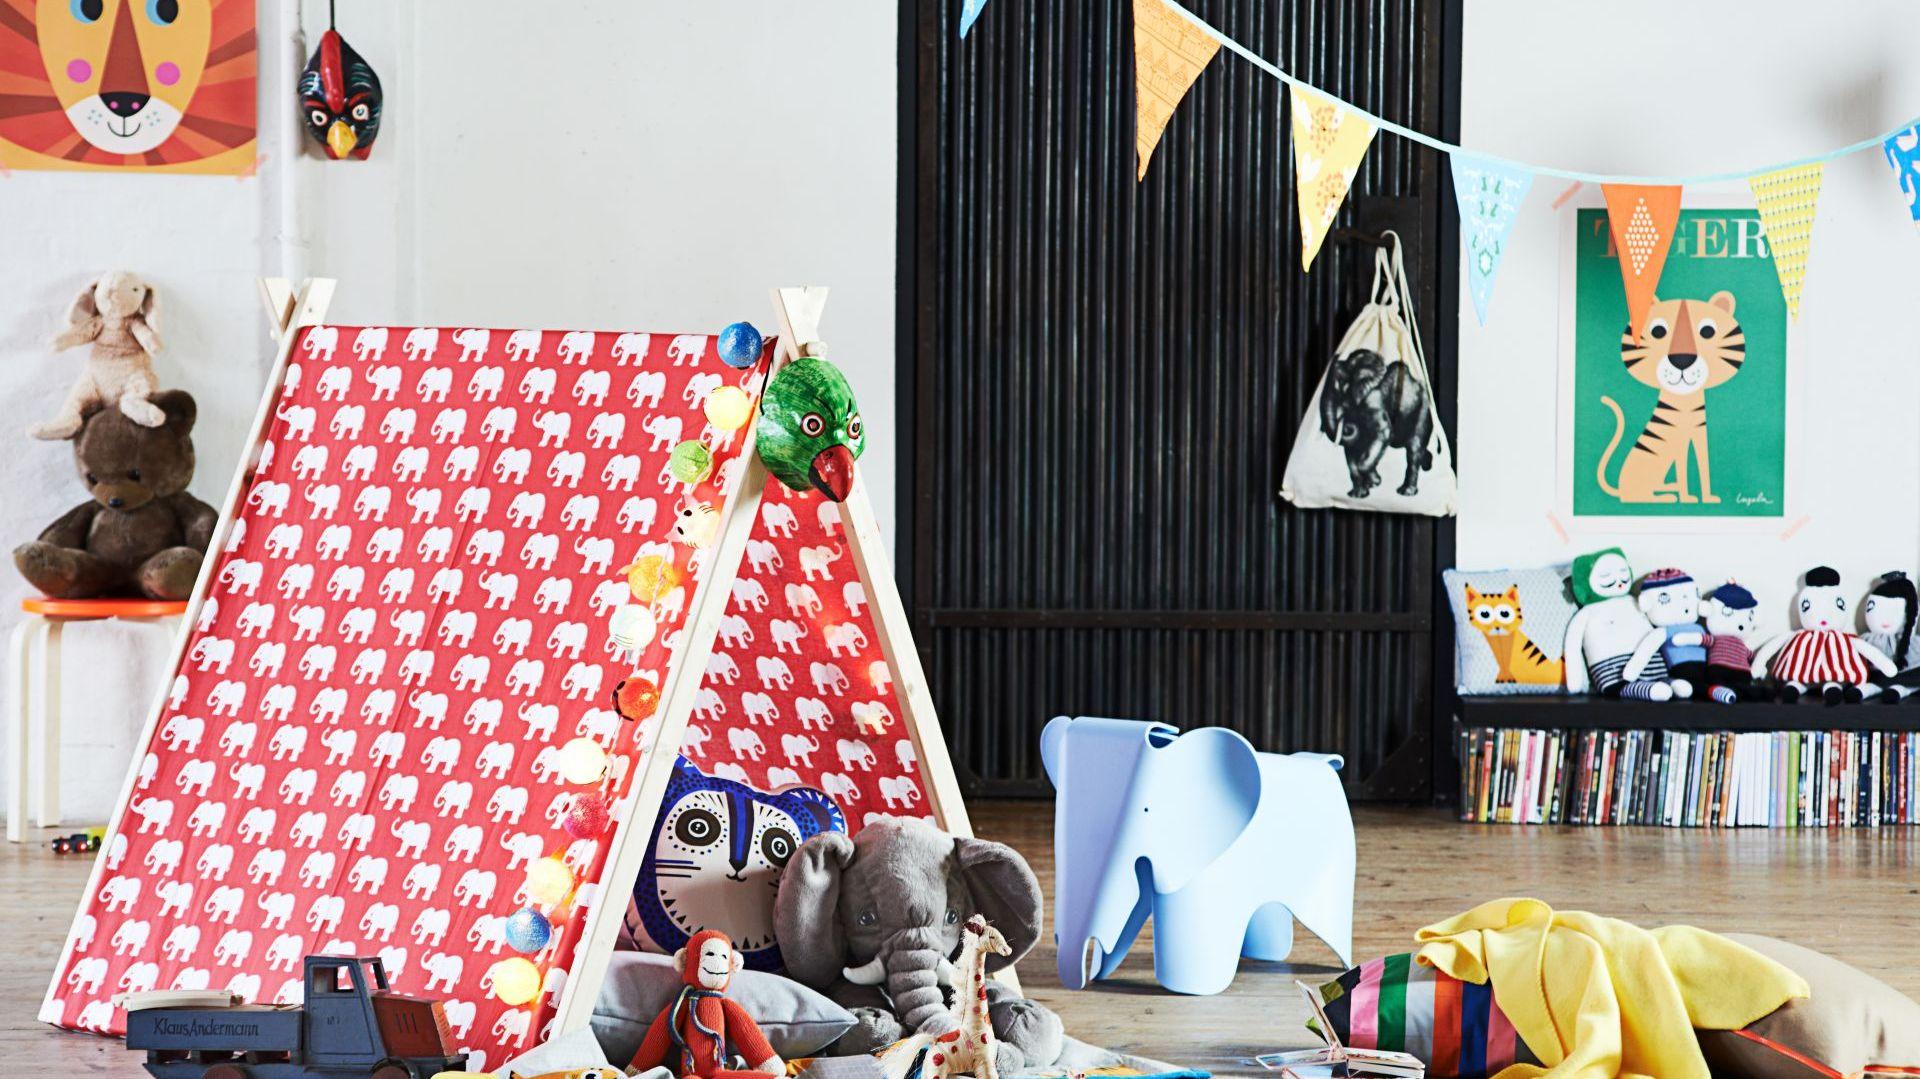 Namiot to wspaniała dekoracja do pokoju dziecka i miejsce do dobrej zabawy. Fot. Bosch